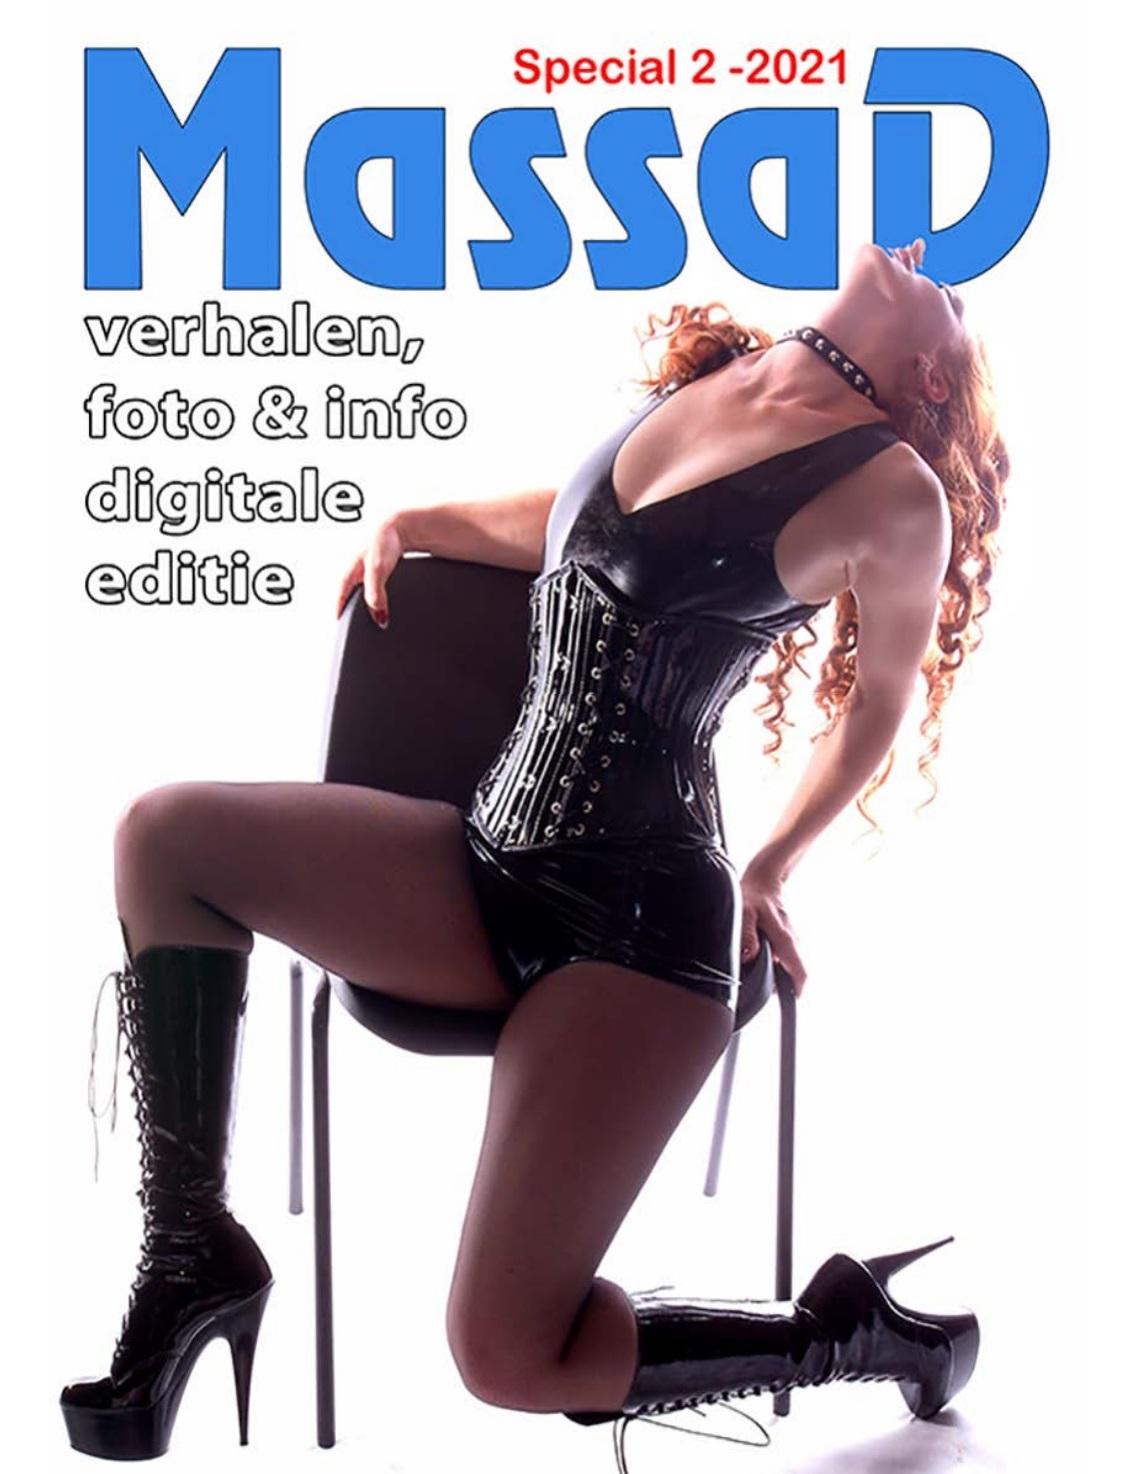 Inhoudsopgave MassaD tweede extra editie